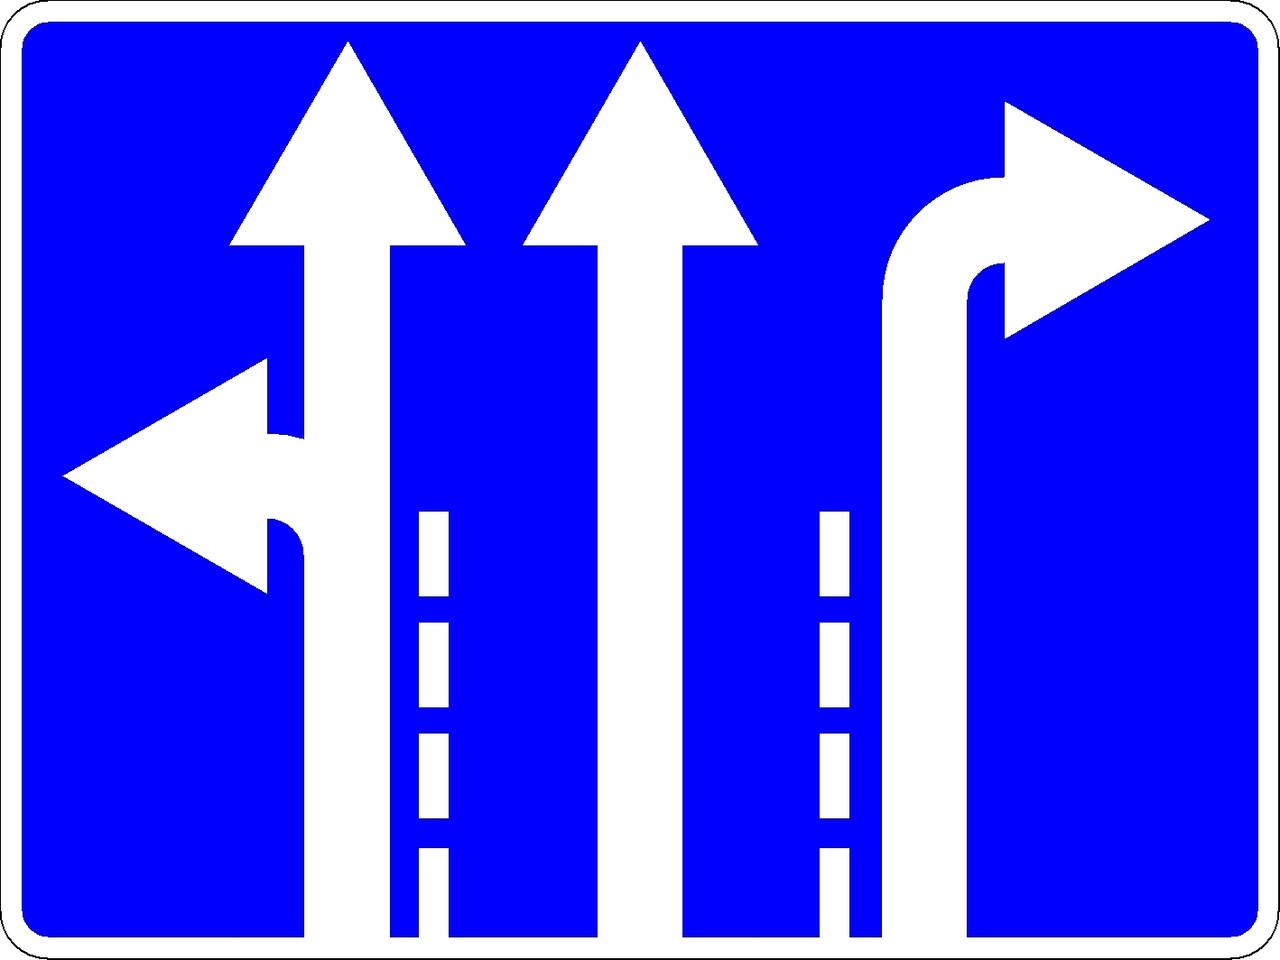 Знак 5.8.1 Жолақтар бойынша қозғалыс бағыттары/ Направления движения по полосам